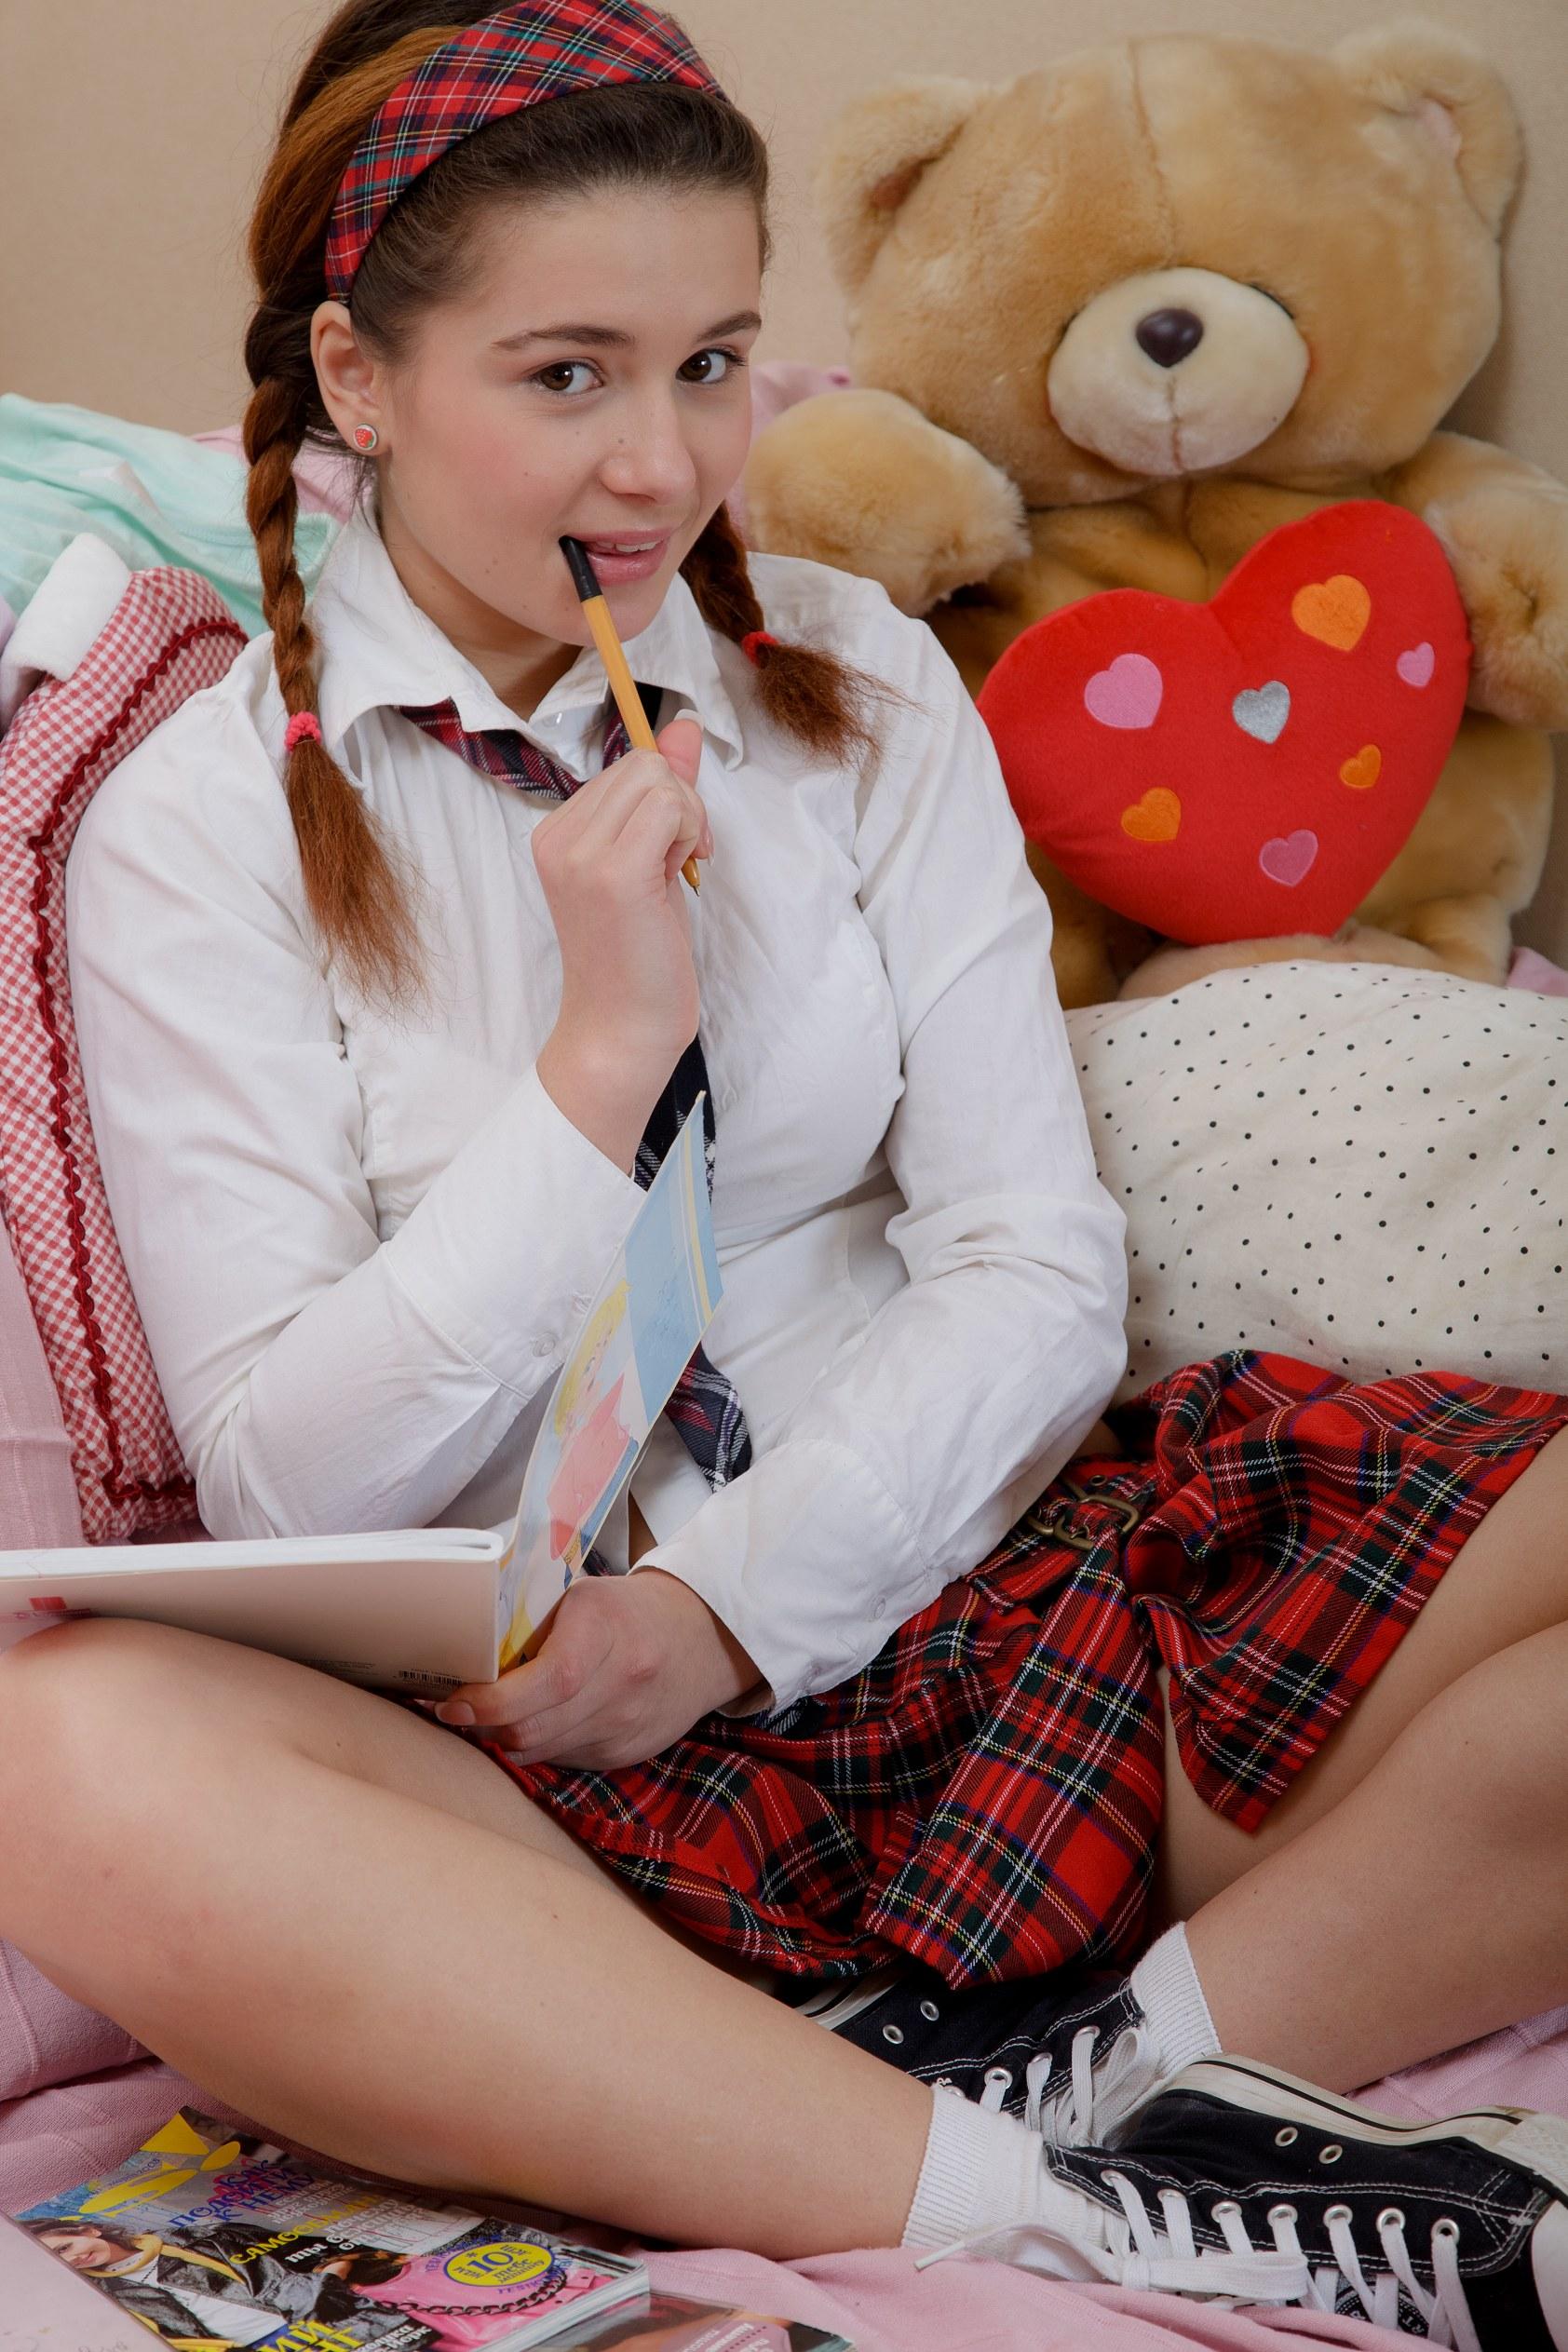 heartbreakers gallery 3435 TeenDreams Lara C 01 JPG